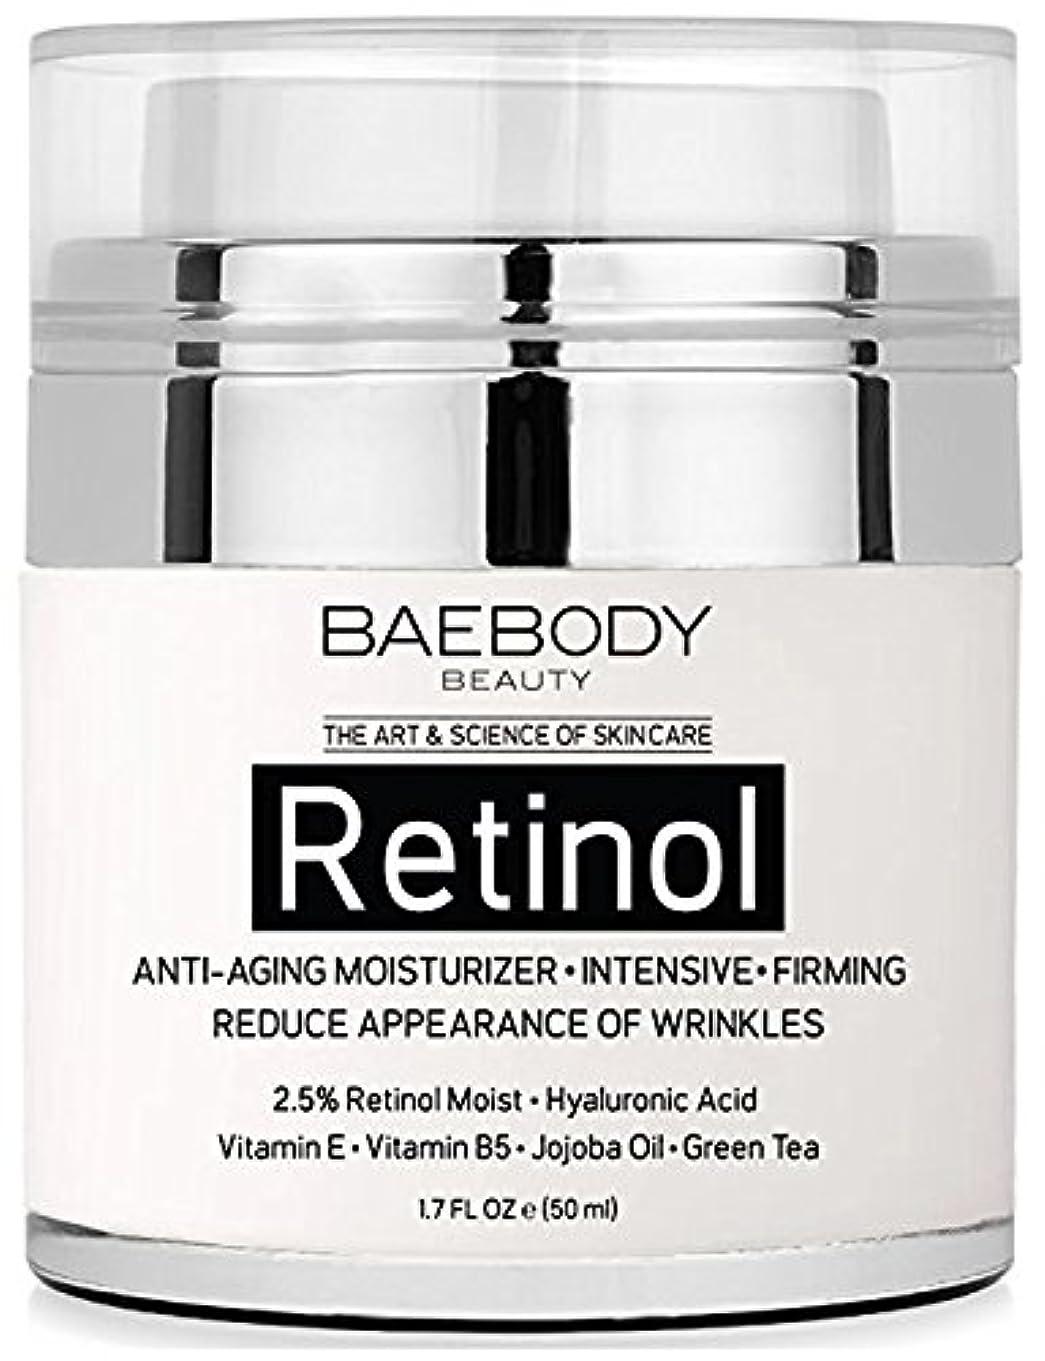 ハーブ陰謀非難するBaebody社 の レチノール 保湿クリーム Baebody Retinol Moisturizer Cream [並行輸入品]